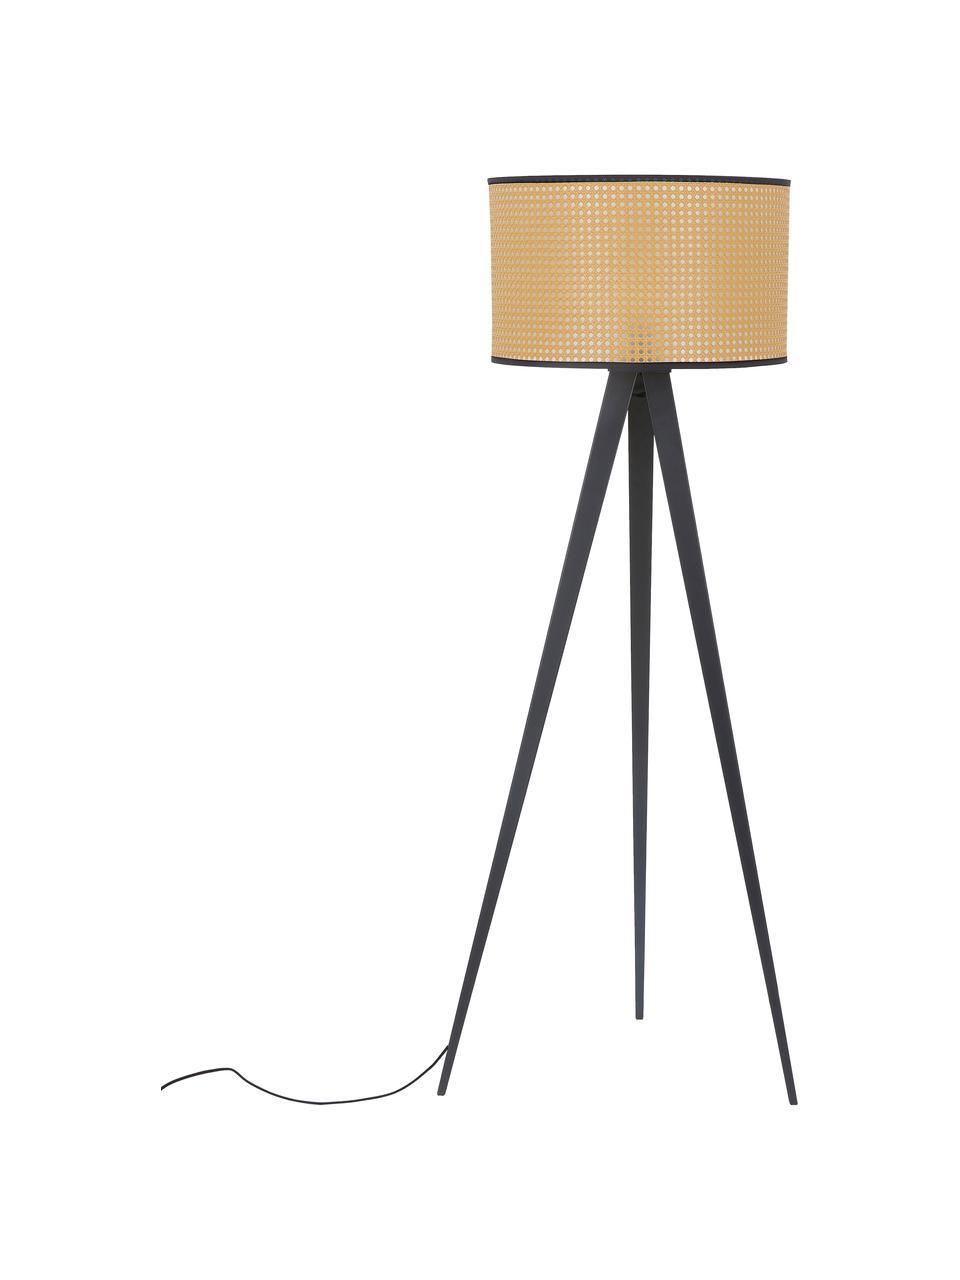 Lampa podłogowa trójnóg z plecionki wiedeńskiej Vienna, Klosz: beżowy, czarny Podstawa lampy: czarny, matowy Kabel: czarny, Ø  50 x W 154 cm